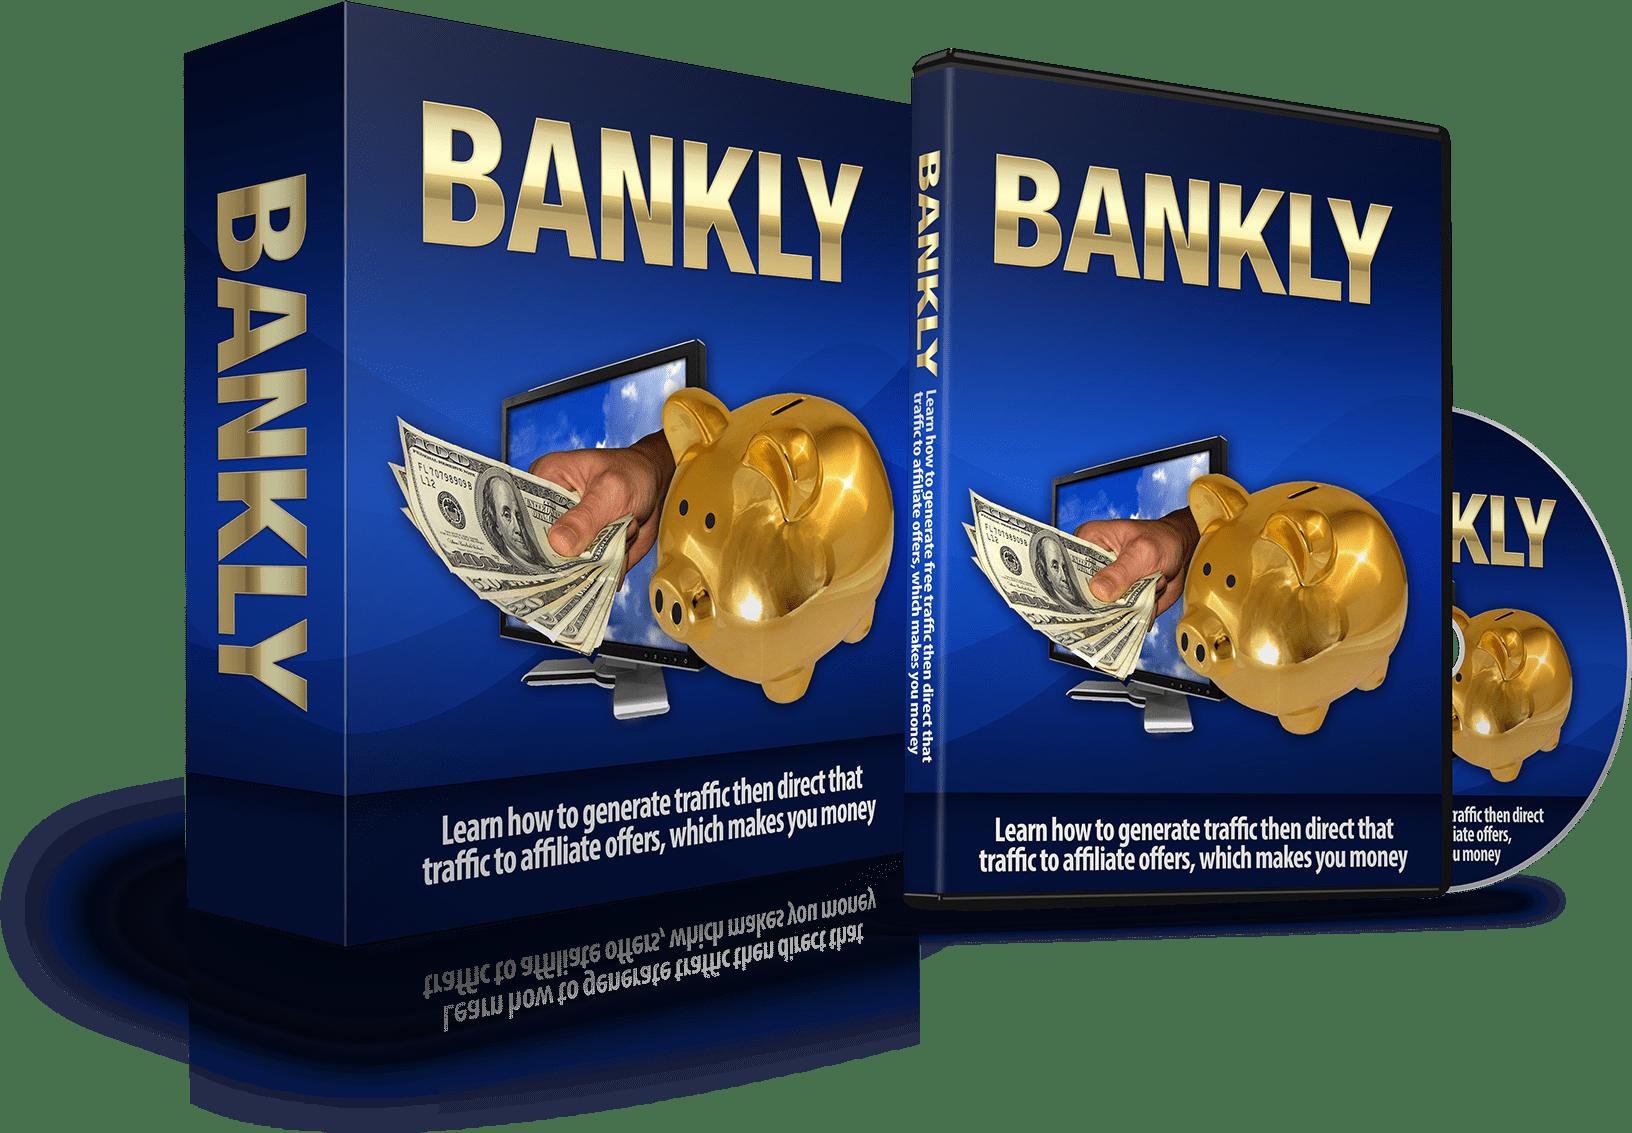 超级简单的系统 + 零经验 + 新手友好 = 每天赚$100美元(Bankly)